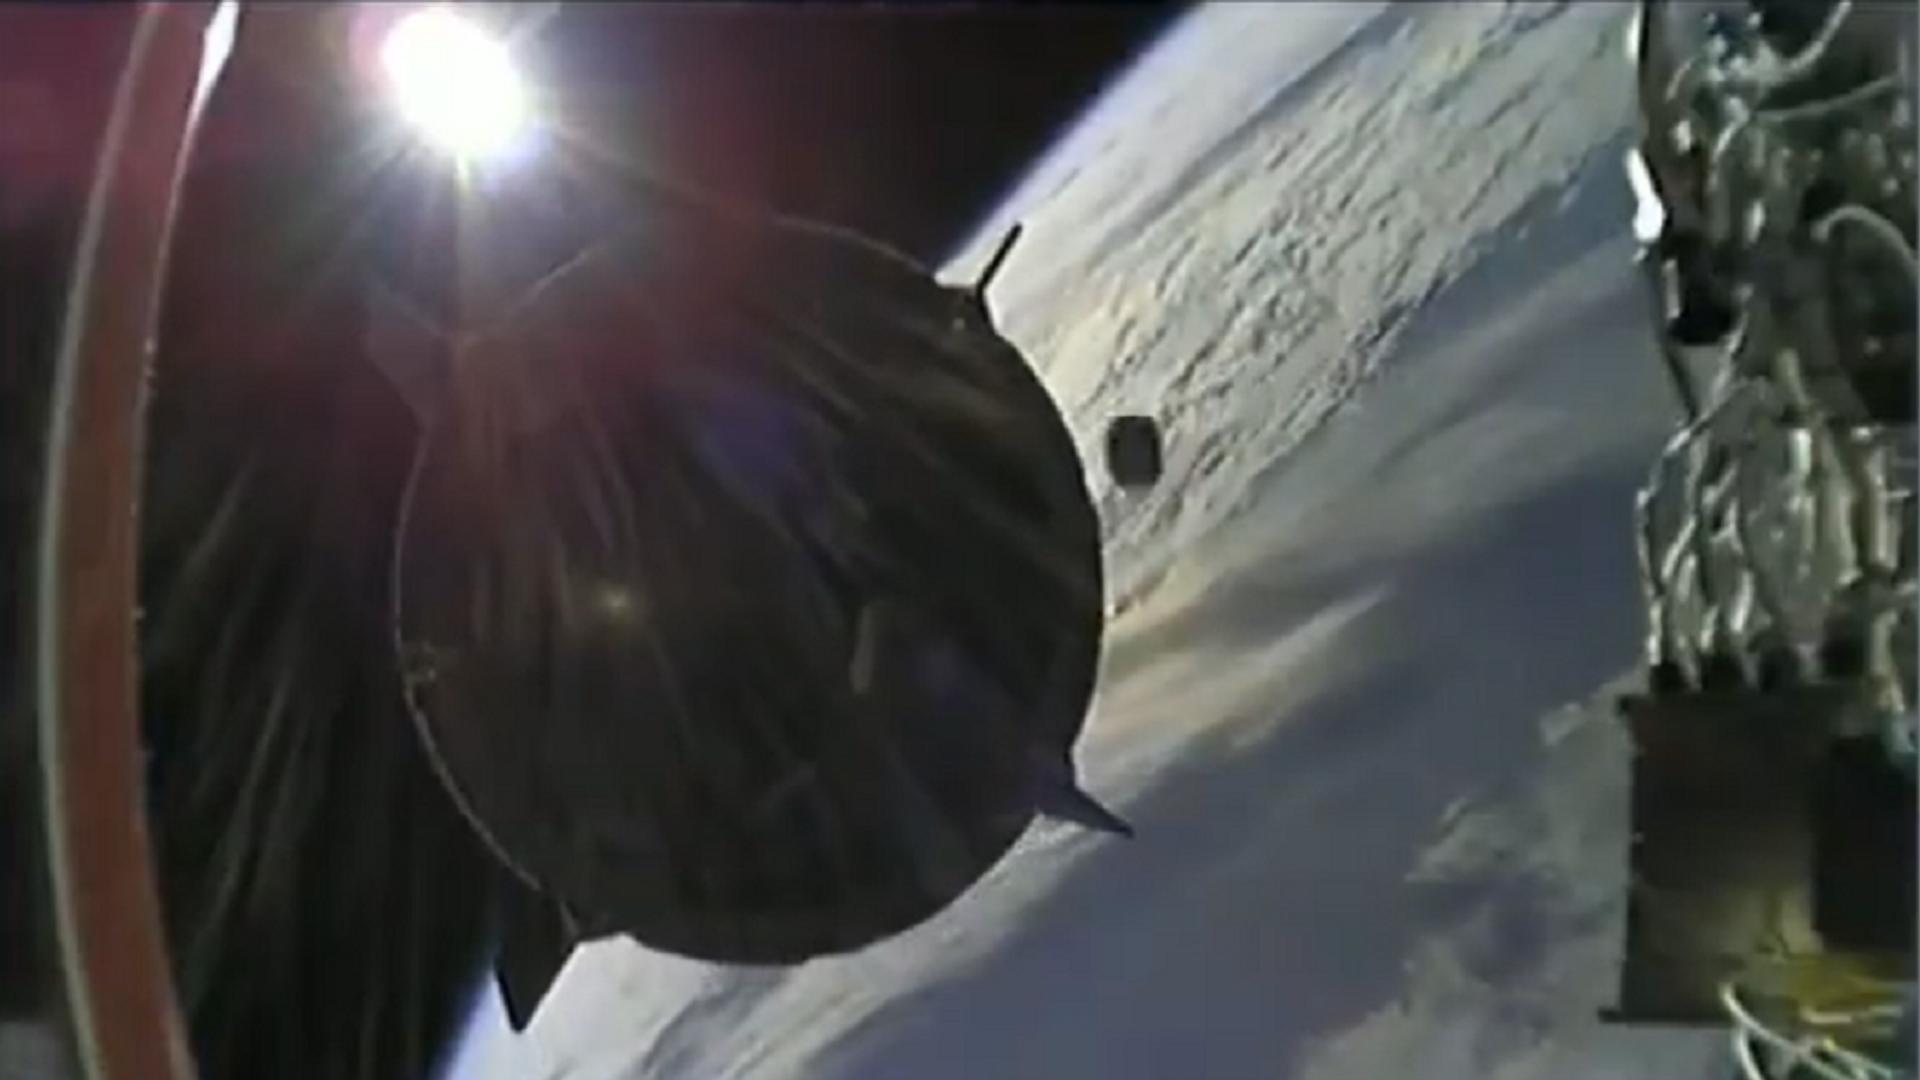 Un objeto no identificado casi choca contra la Crew Dragon de SpaceX  - Sputnik Mundo, 1920, 27.04.2021